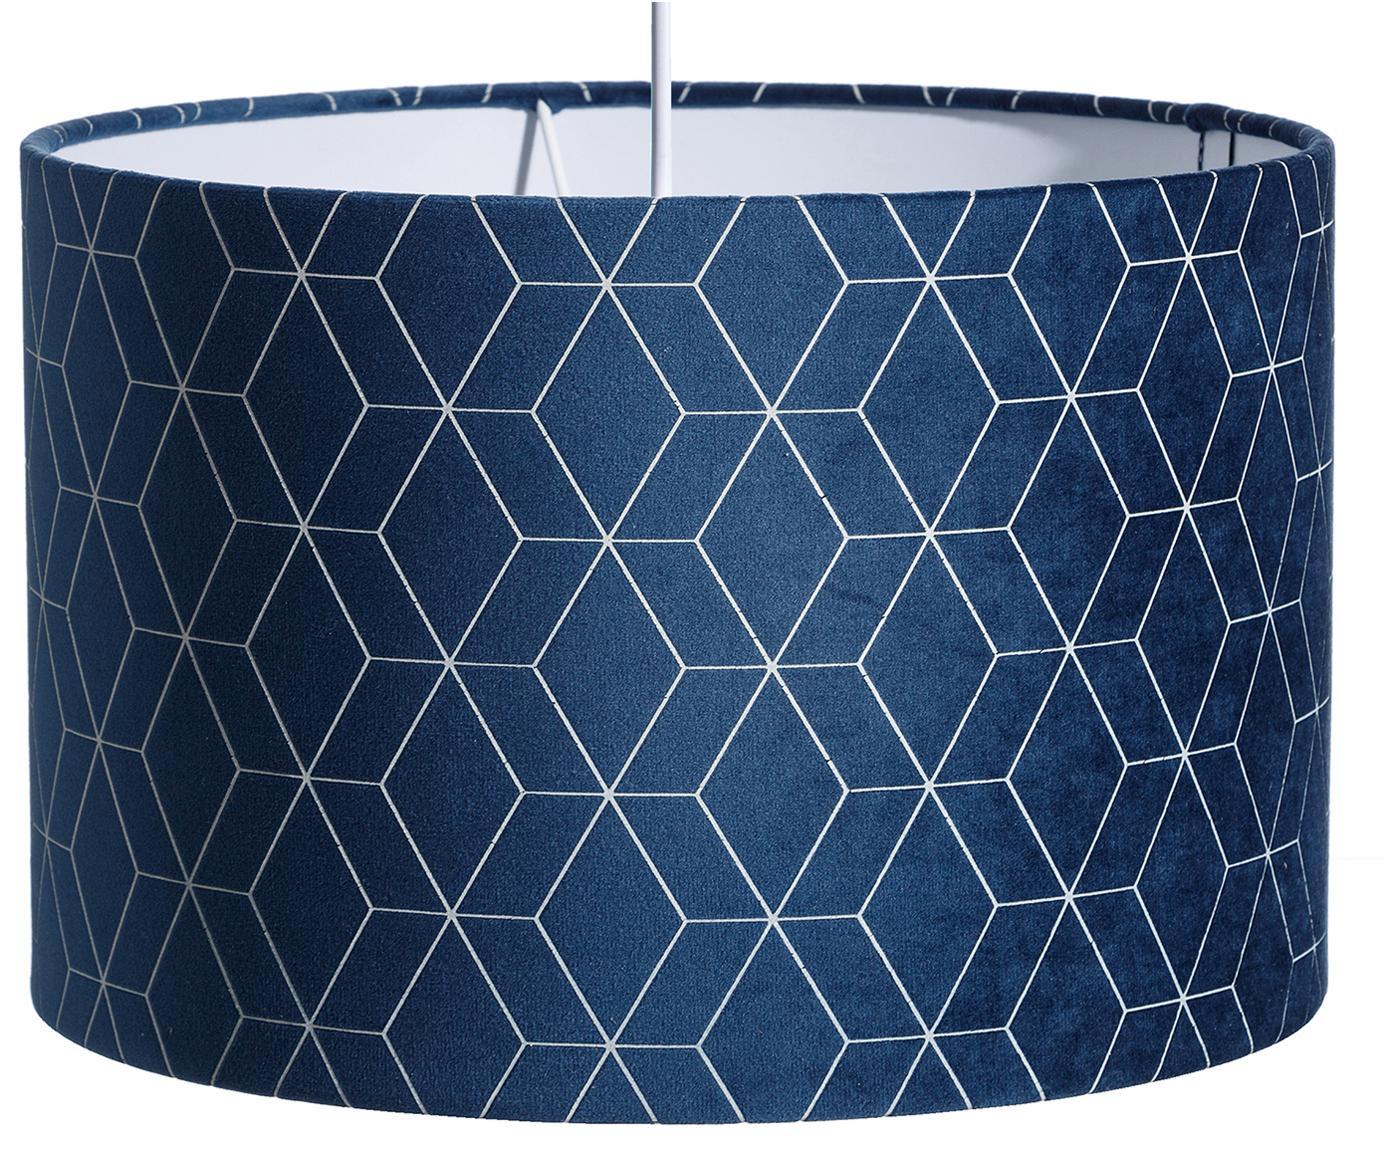 Samt-Pendelleuchte Geometric, Lampenschirm: Polyestersamt, Blau, Silberfarben, Ø 30 x T 30 cm